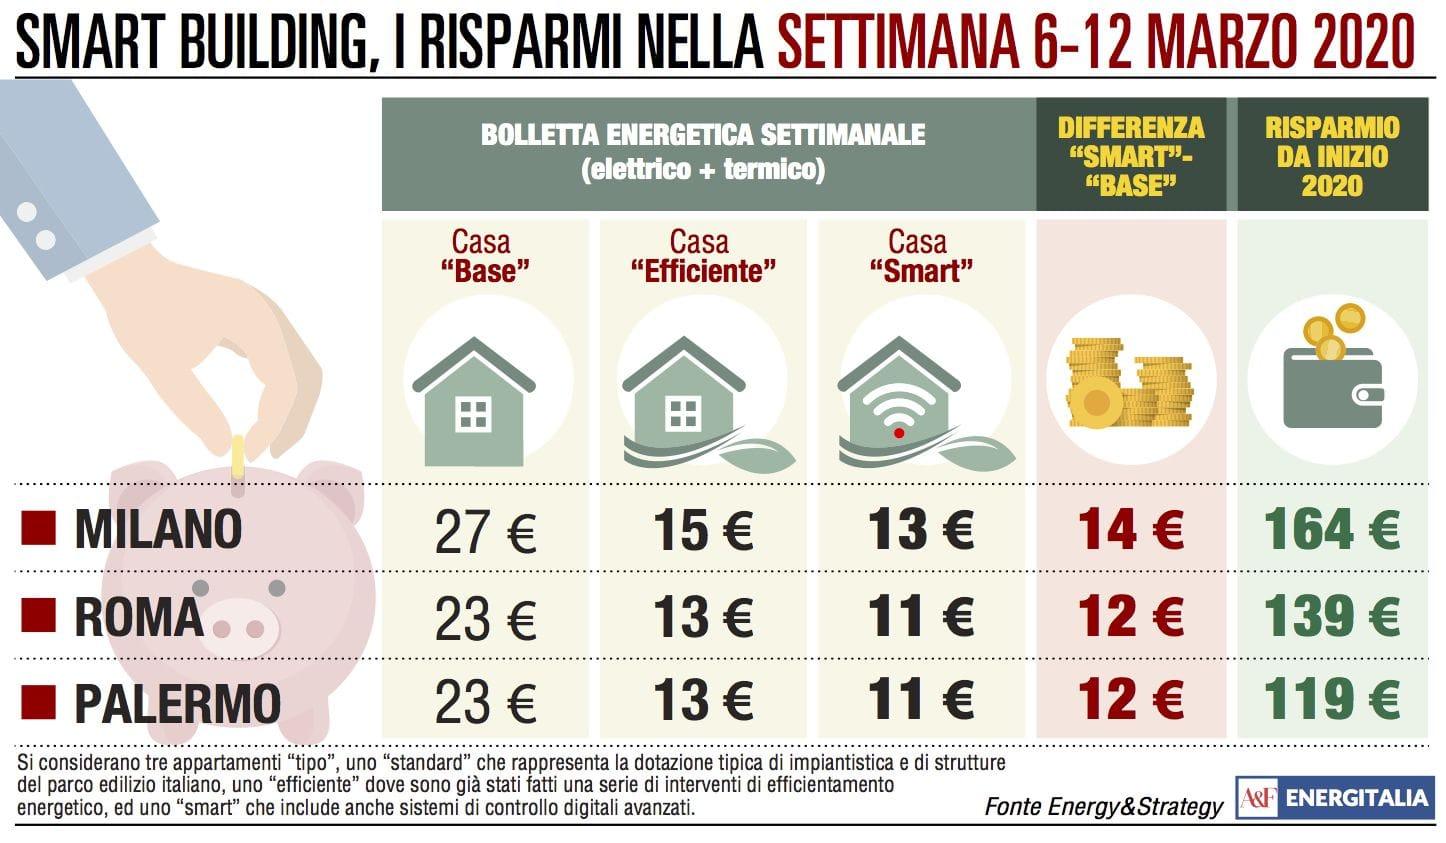 Bolletta, inversione di tendenza: a Palermo si paga 3 euro in più